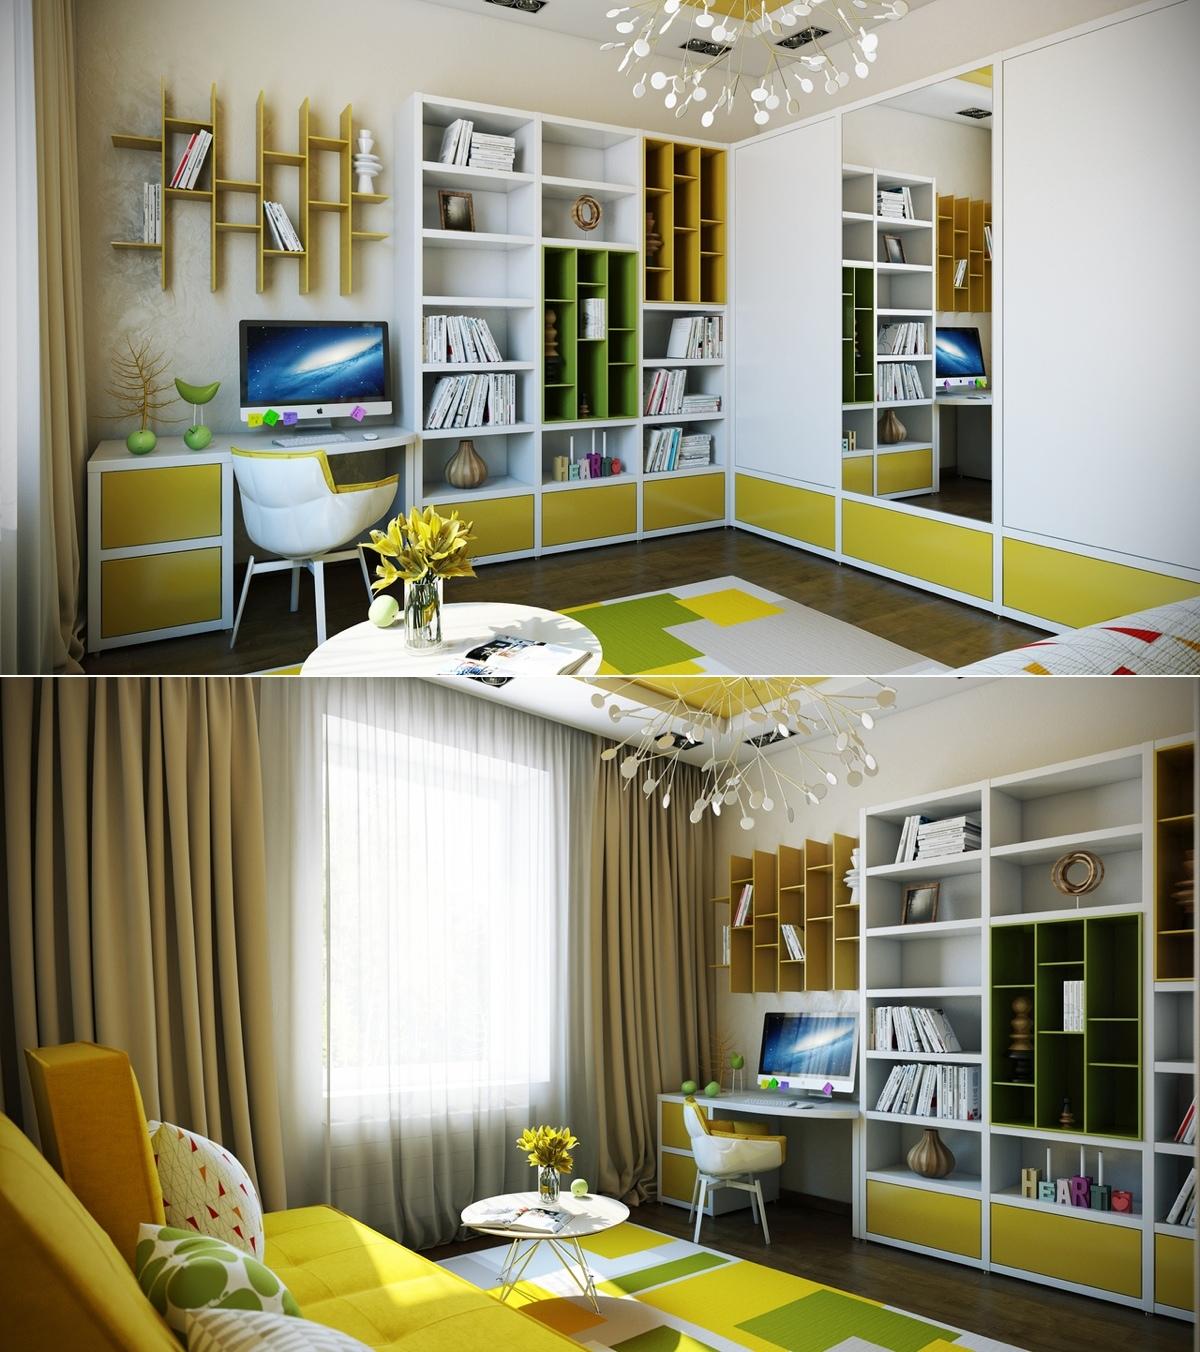 idei-za-tsvetni-i-zabavni-detski-stai-s-moderen-dizain-915g